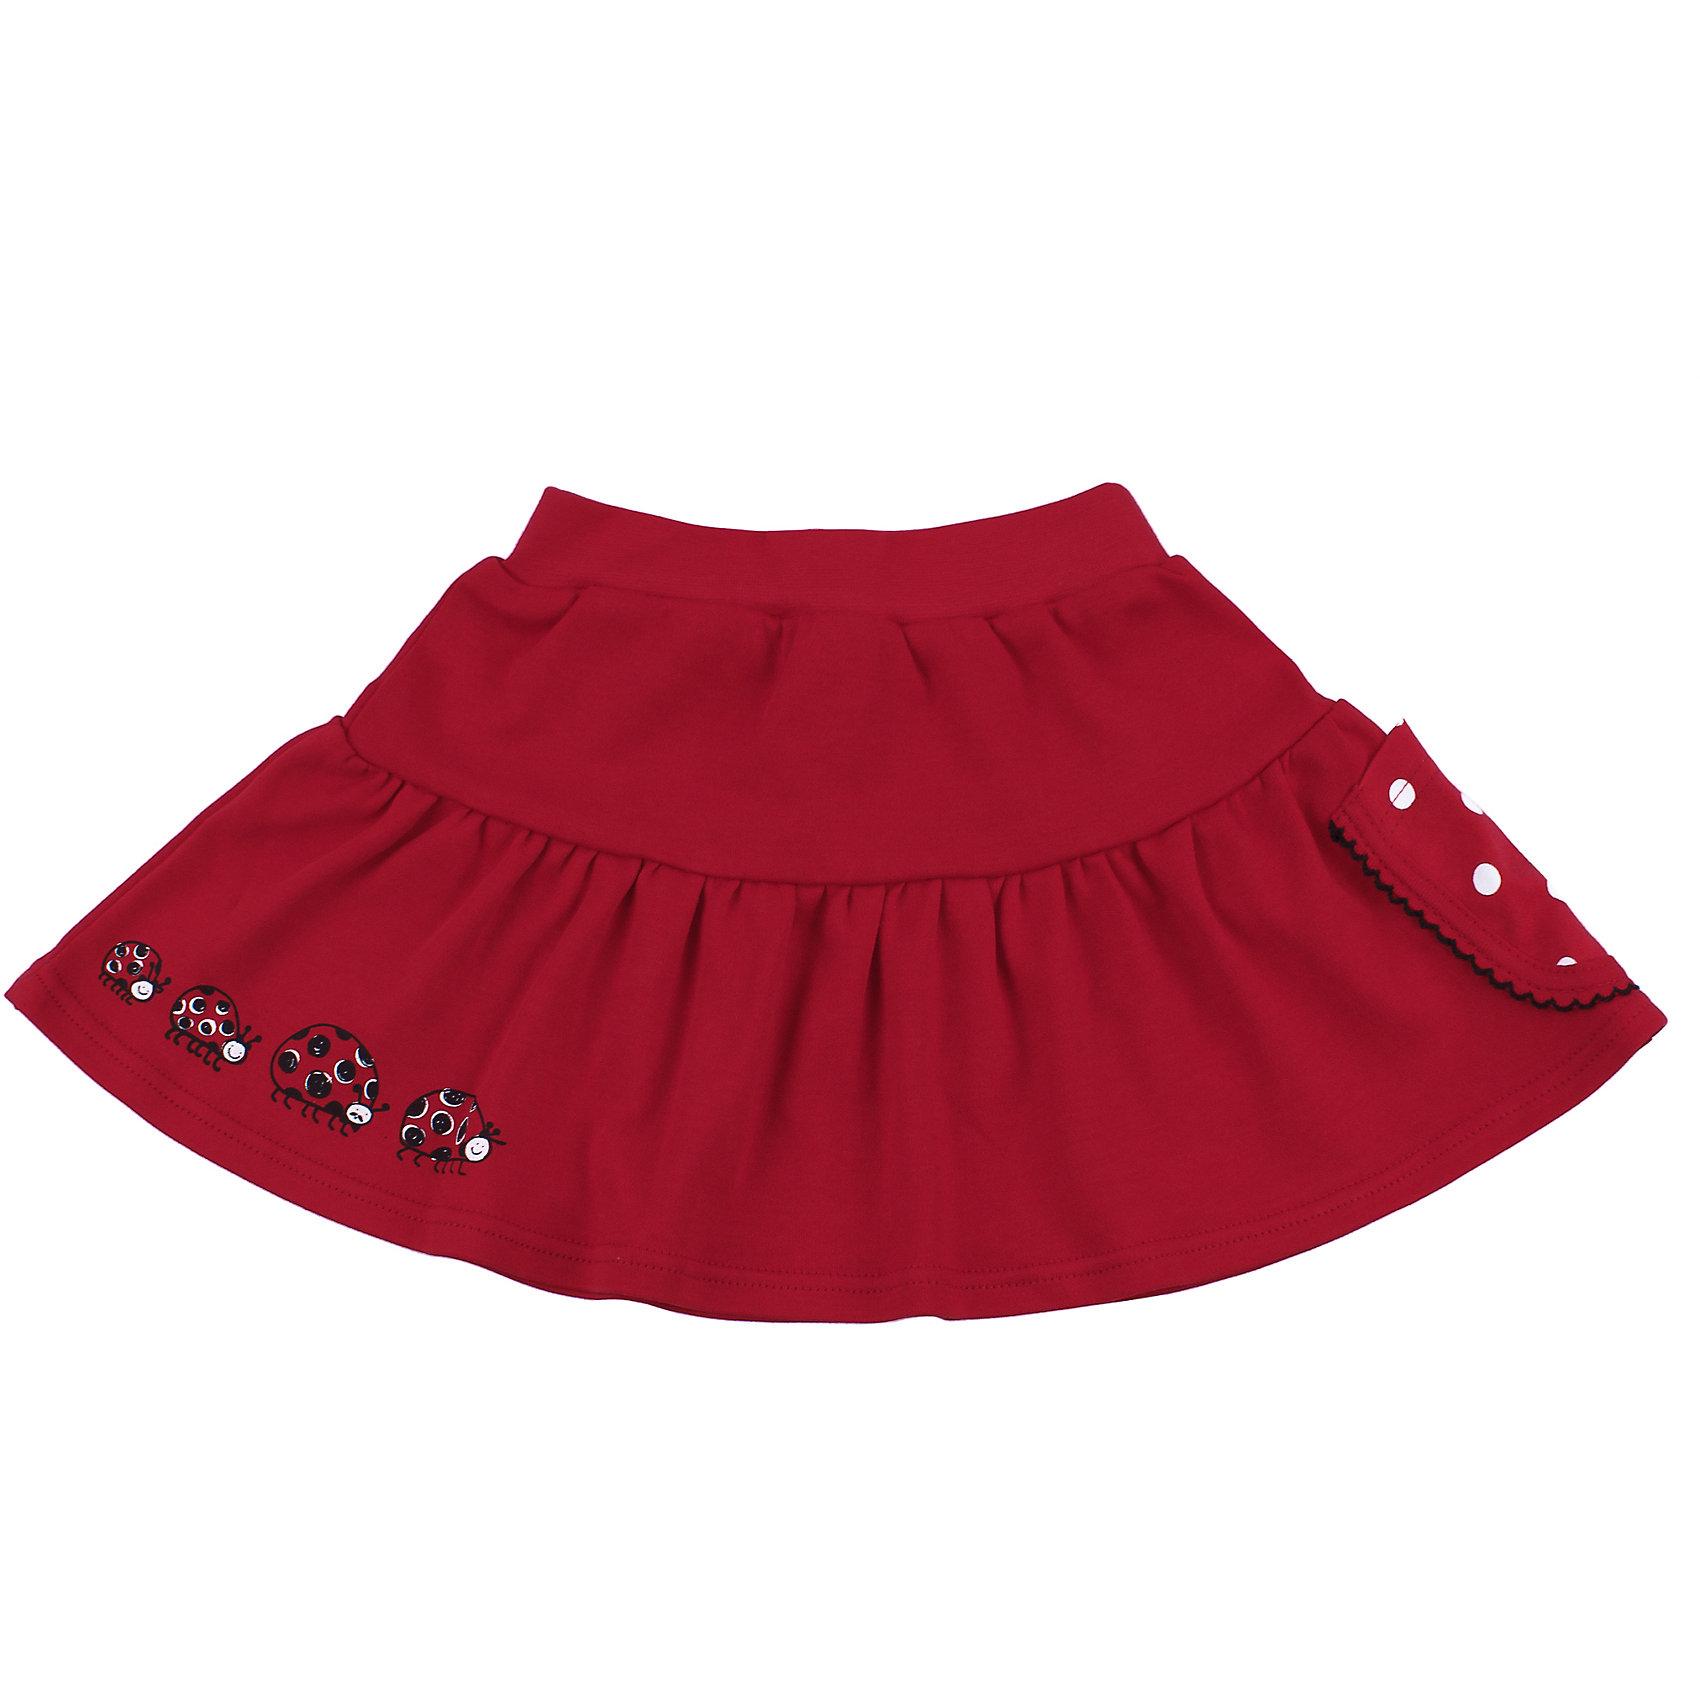 Юбка АпрельЮбки<br>Характеристики товара:<br><br>• цвет: красный<br>• состав ткани: 100 % хлопок<br>• сезон: демисезон<br>• пояс: резинка<br>• страна бренда: Россия<br>• страна производства: Россия<br><br>Оригинальная юбка для ребенка сделана полностью из натурального хлопка. Красная юбка для девочки легко надевается благодаря эластичной резинке. Юбка для девочки от бренда Апрель эффектно смотрится.<br><br>Юбку Апрель для девочки можно купить в нашем интернет-магазине.<br><br>Ширина мм: 207<br>Глубина мм: 10<br>Высота мм: 189<br>Вес г: 183<br>Цвет: красный<br>Возраст от месяцев: 24<br>Возраст до месяцев: 36<br>Пол: Унисекс<br>Возраст: Детский<br>Размер: 98,74,80,86,92<br>SKU: 7143287